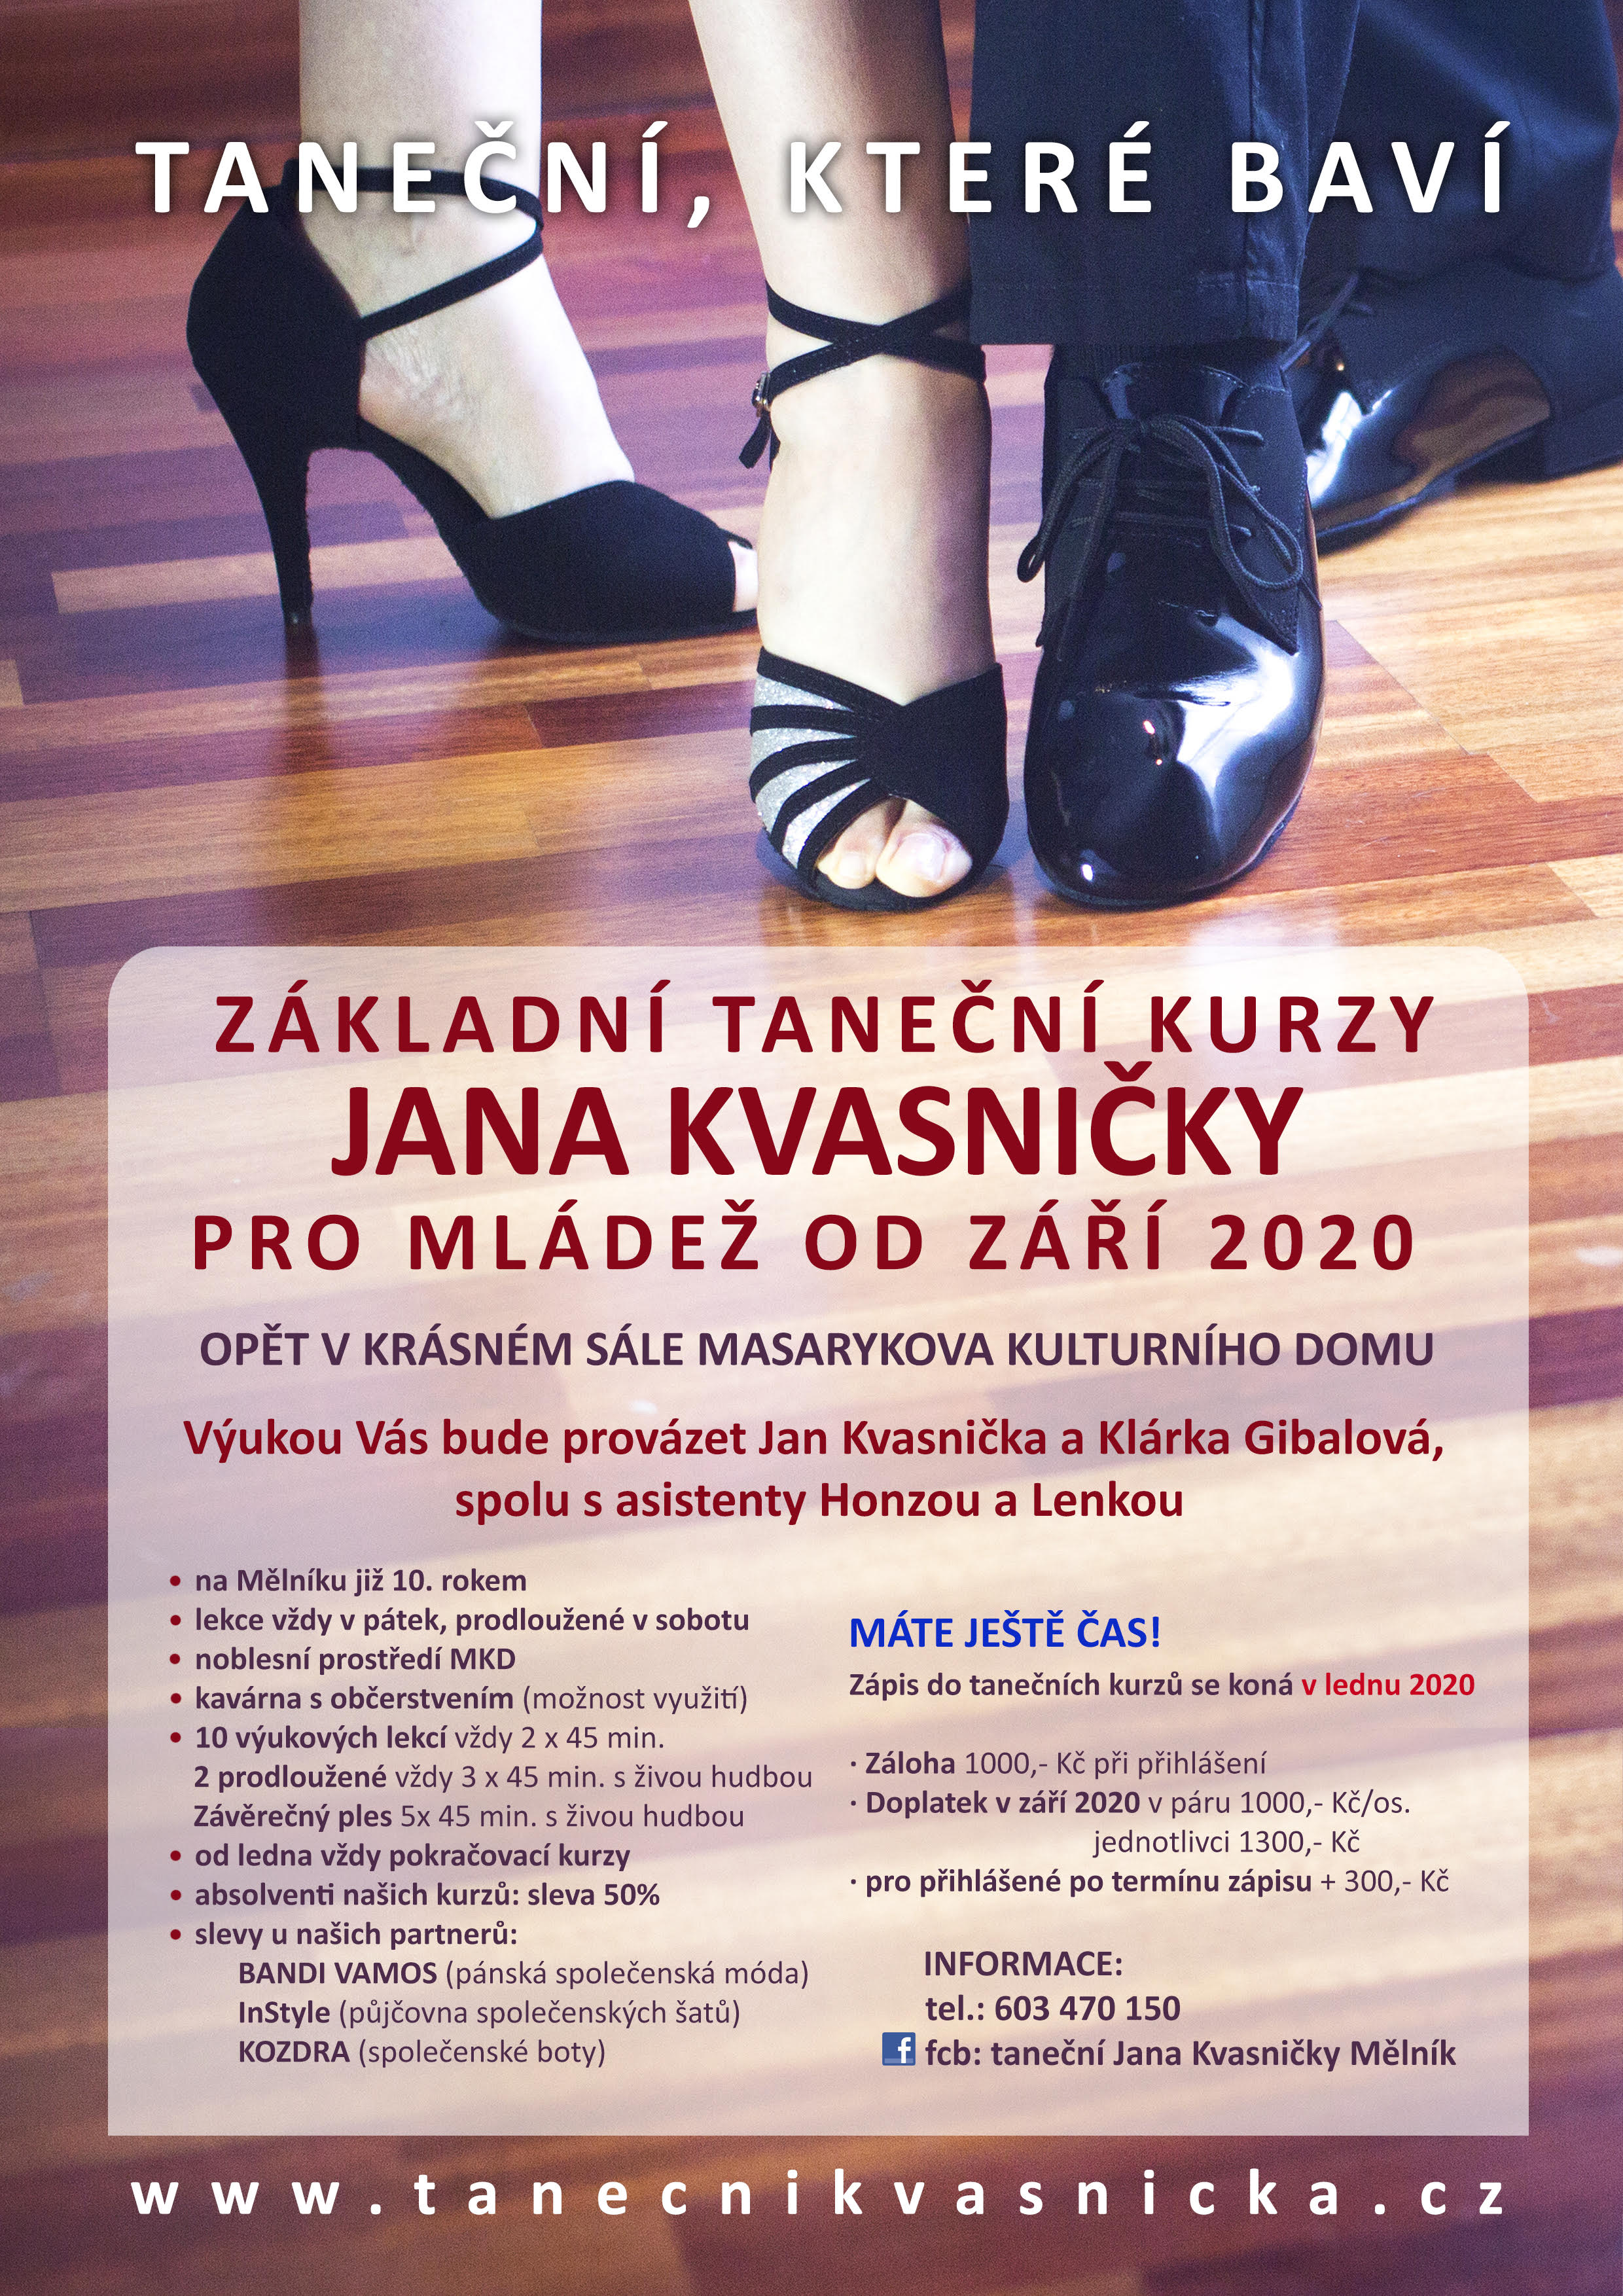 jana_kvasnicka